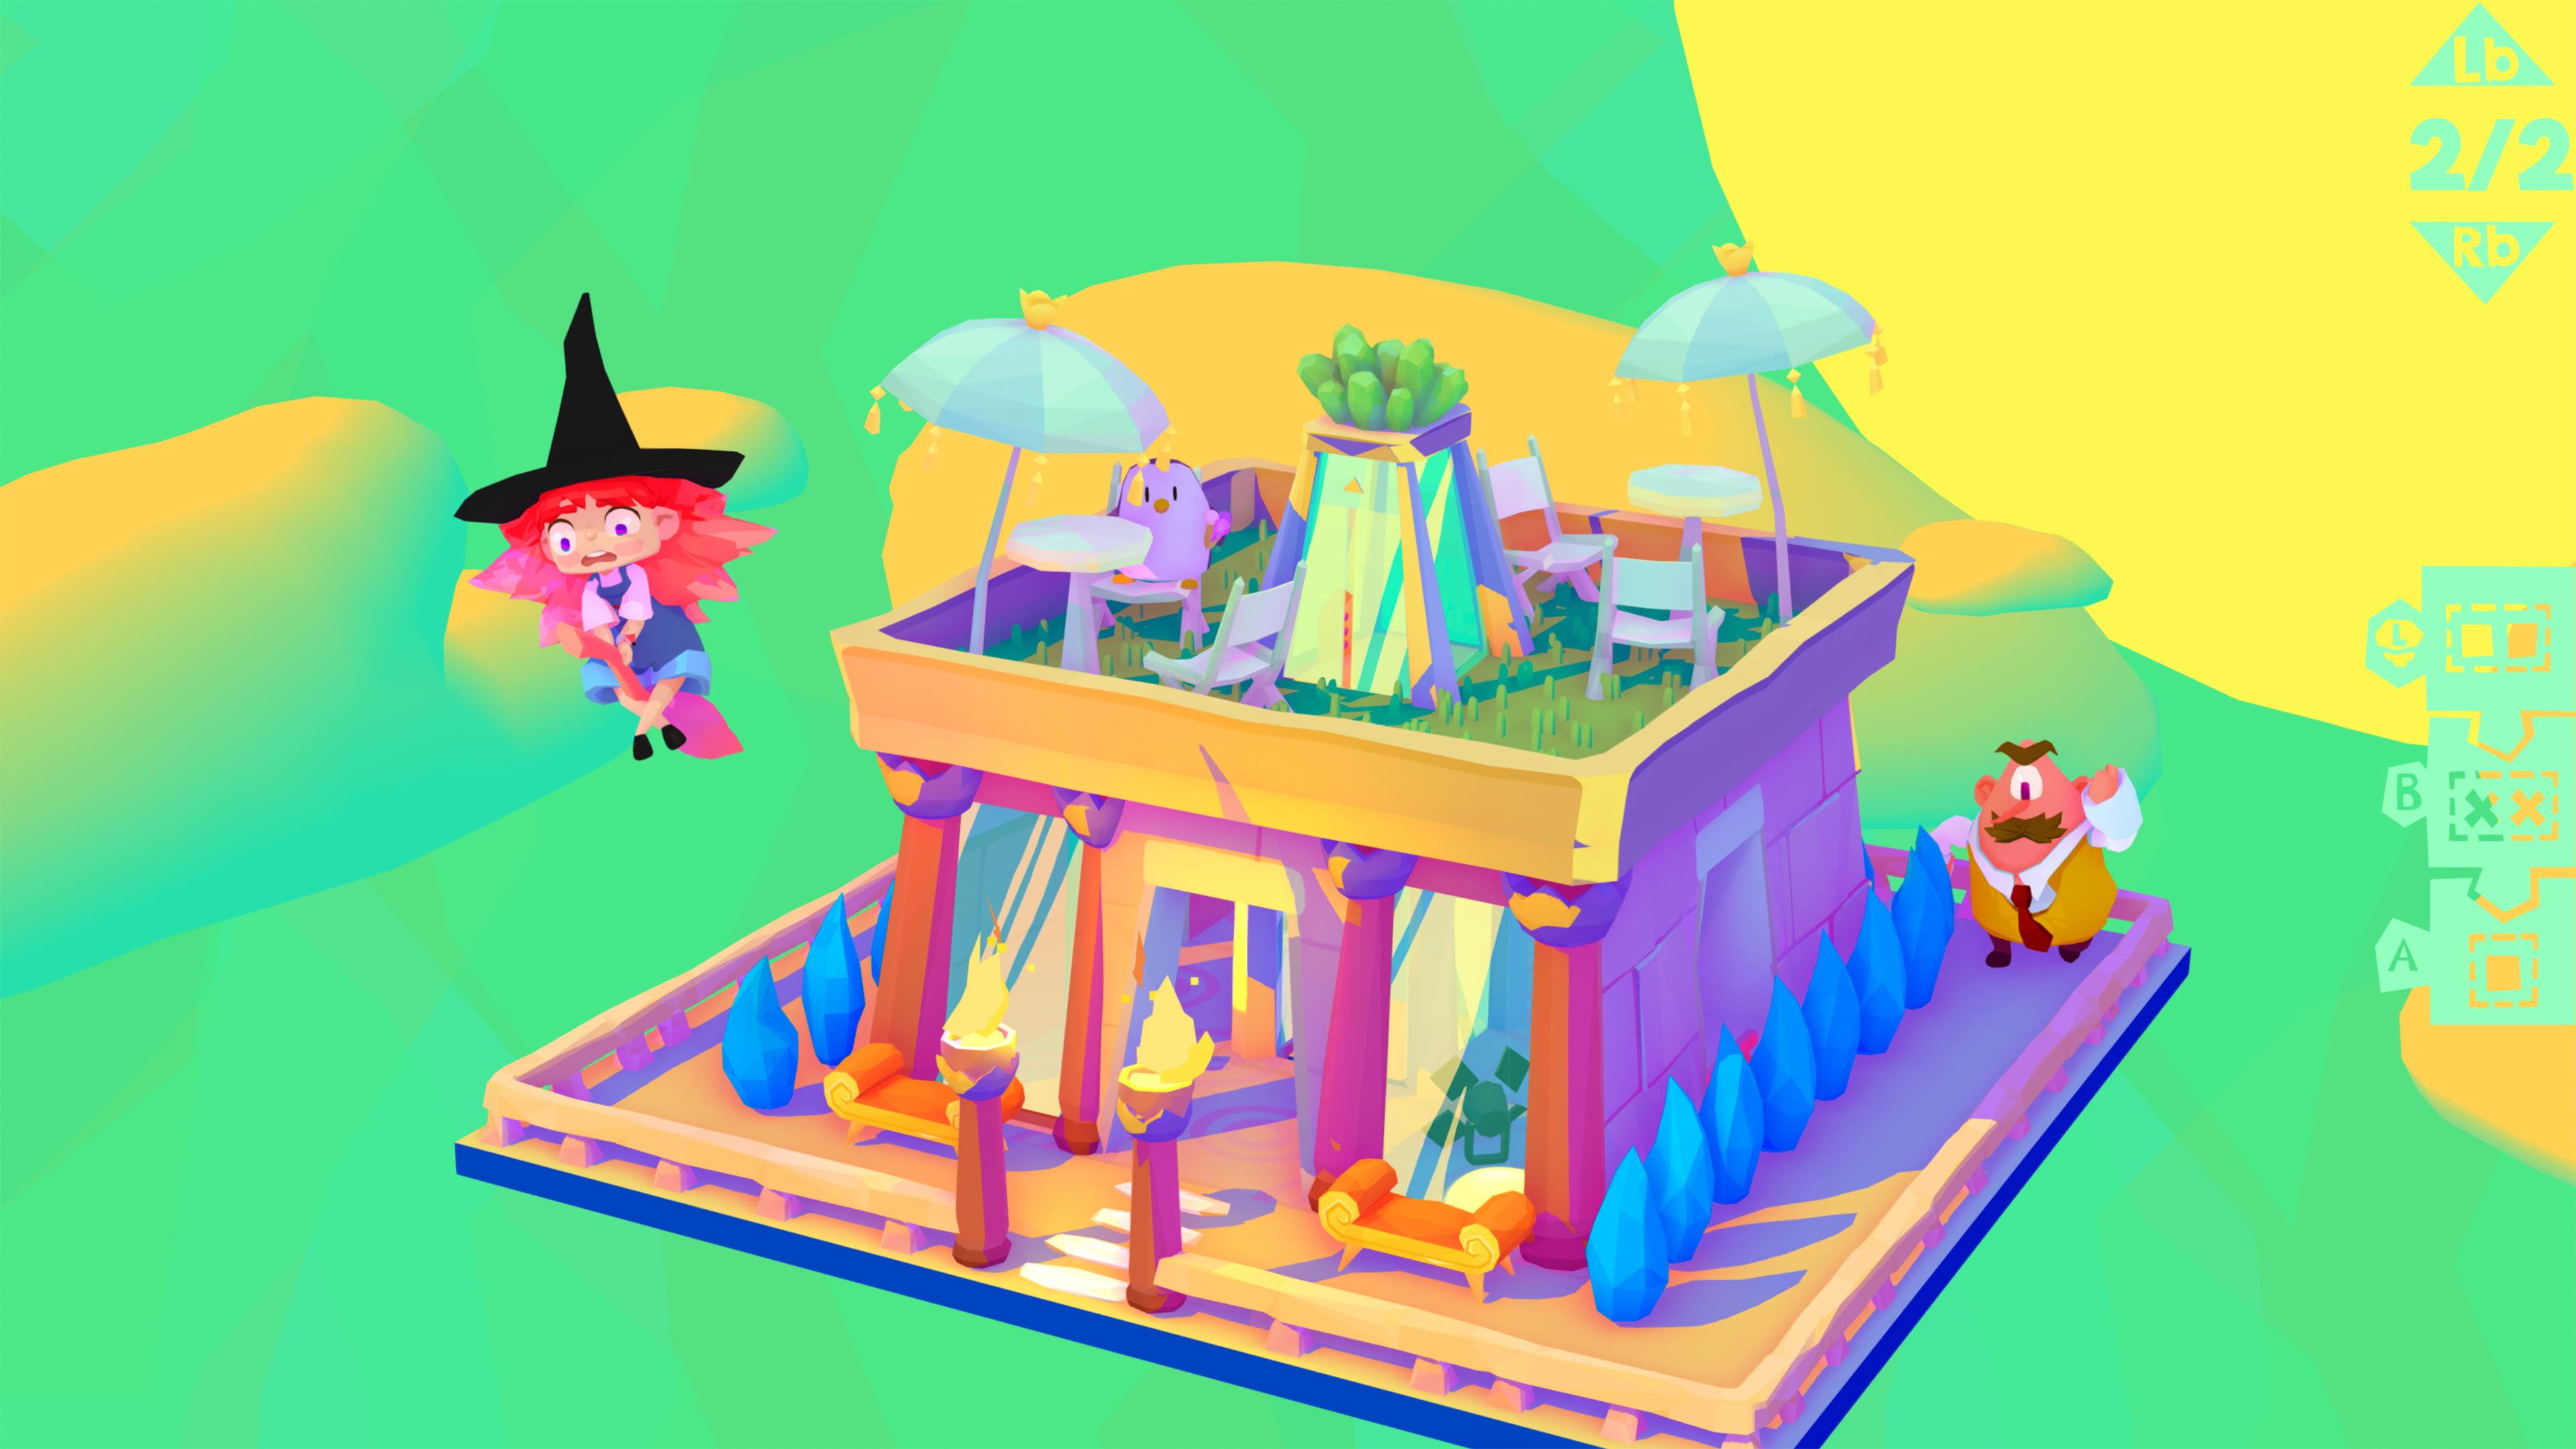 In arrivo un nuovo puzzle-adventure curato da MythicOwl, Harmony's Odyssey, per Nintendo Switch e PC, nel 2021.